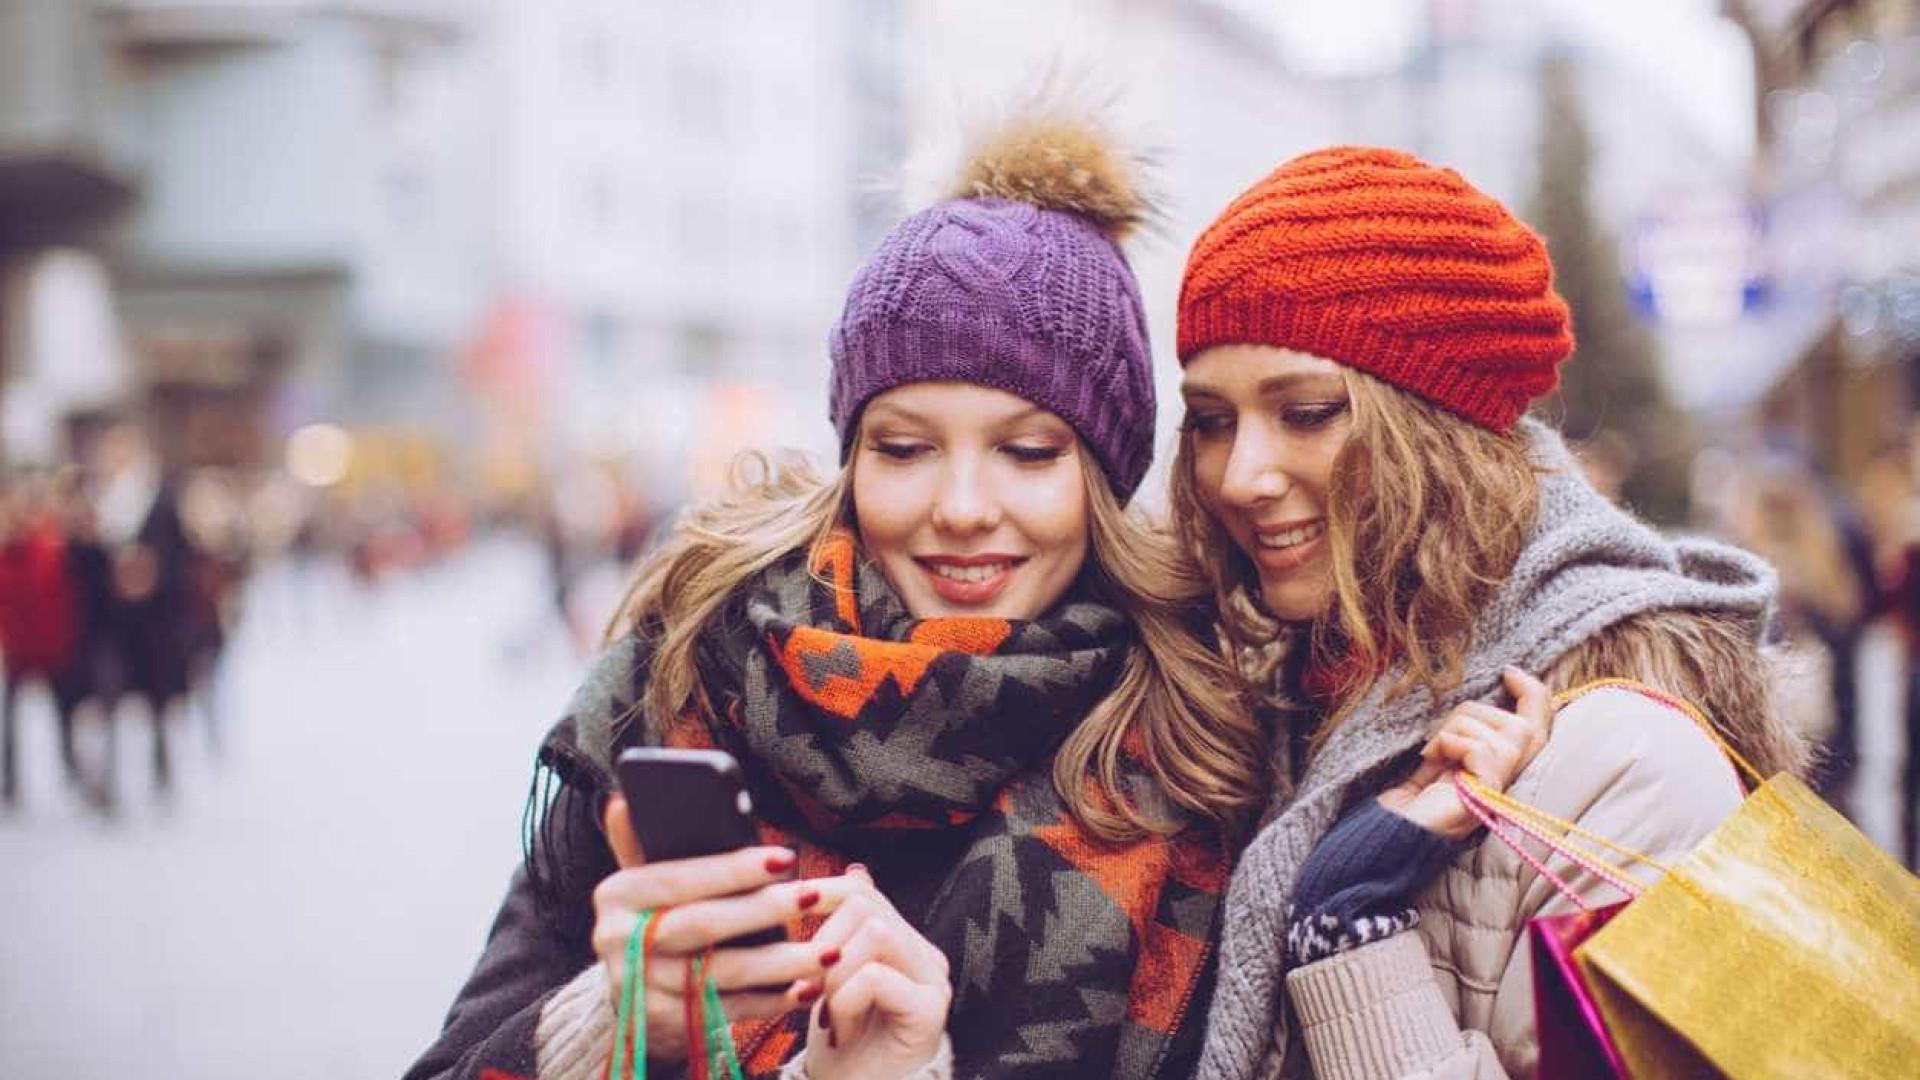 Portugueses usam internet antes de comprar, mas preferem ver montras